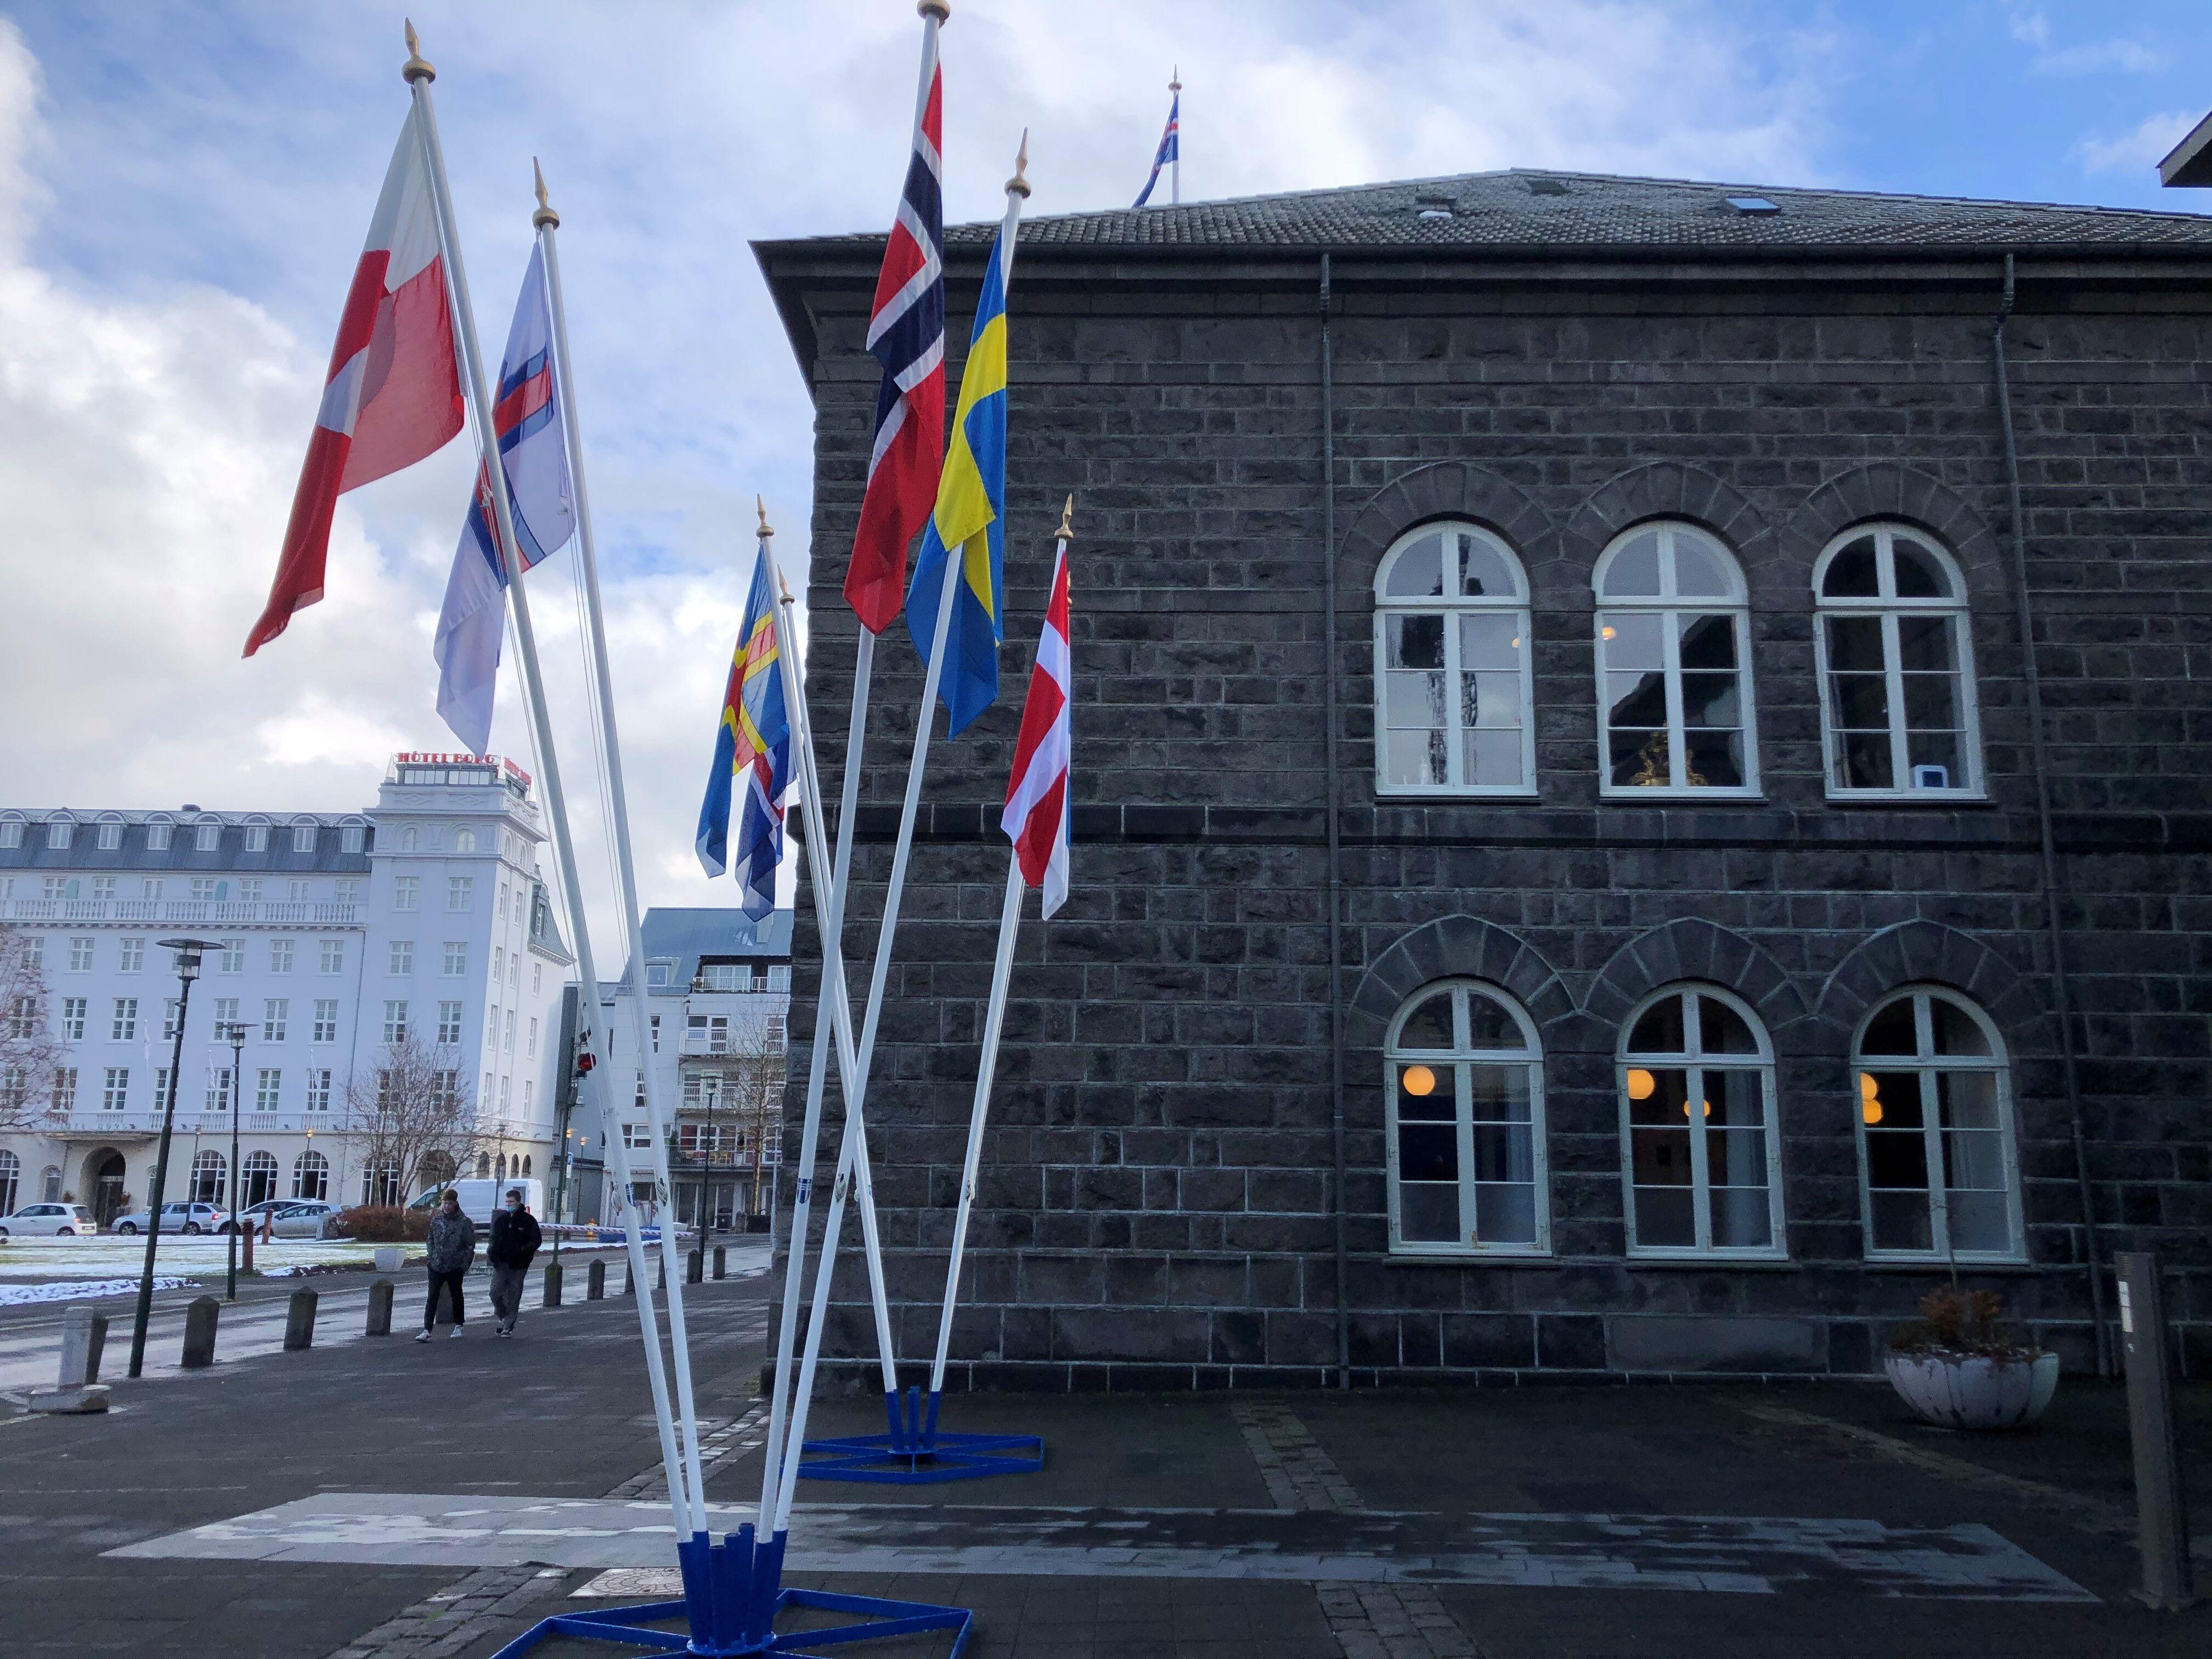 Dagur-Nordurlanda-2